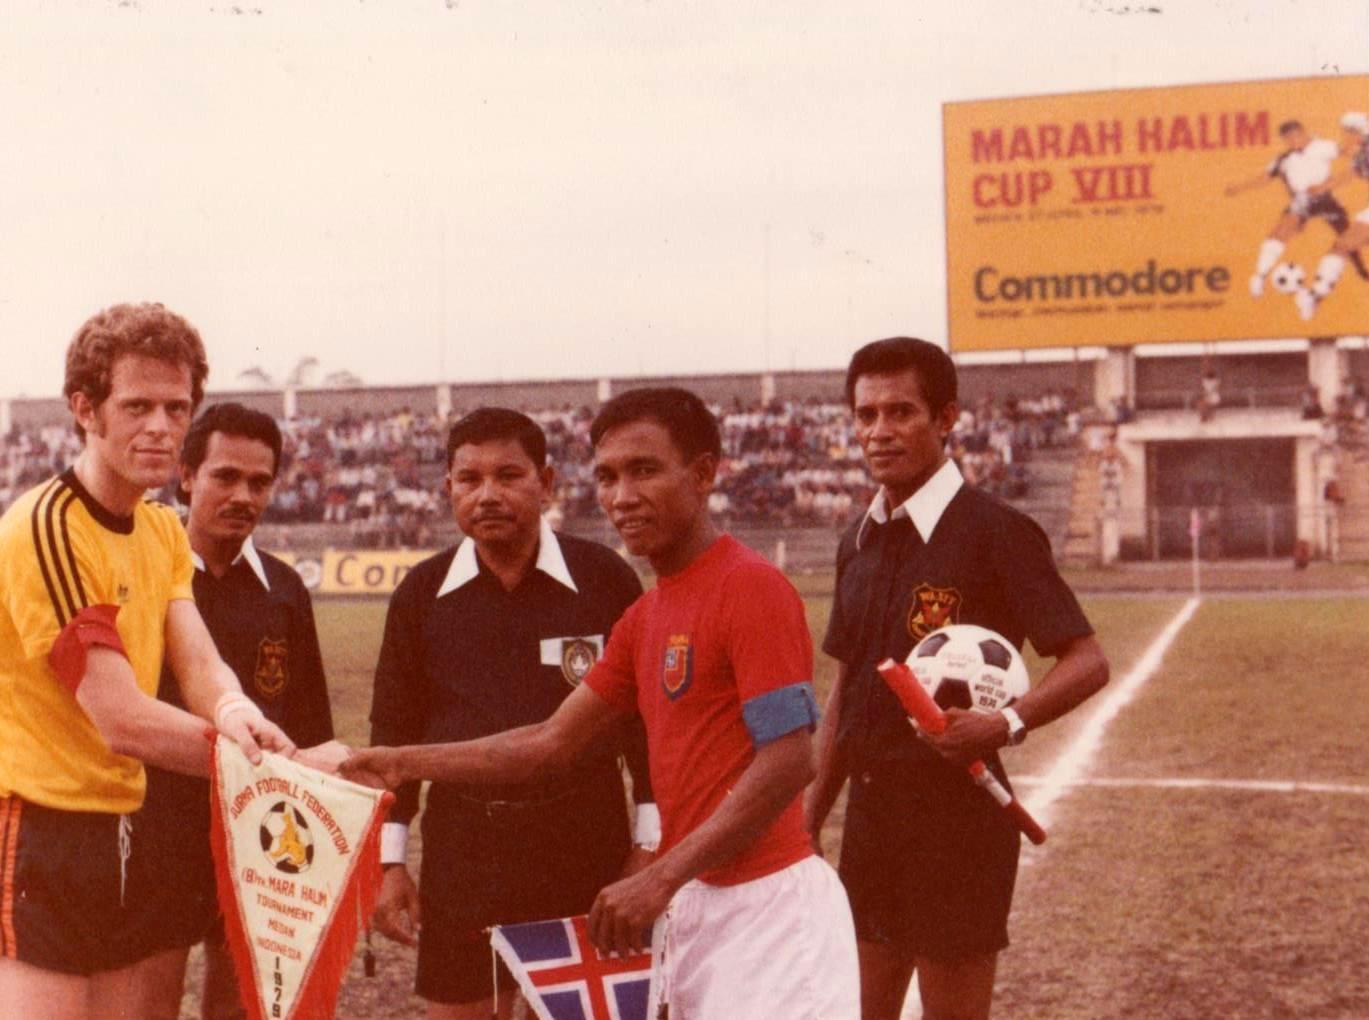 1979 Indónesíu ferð7